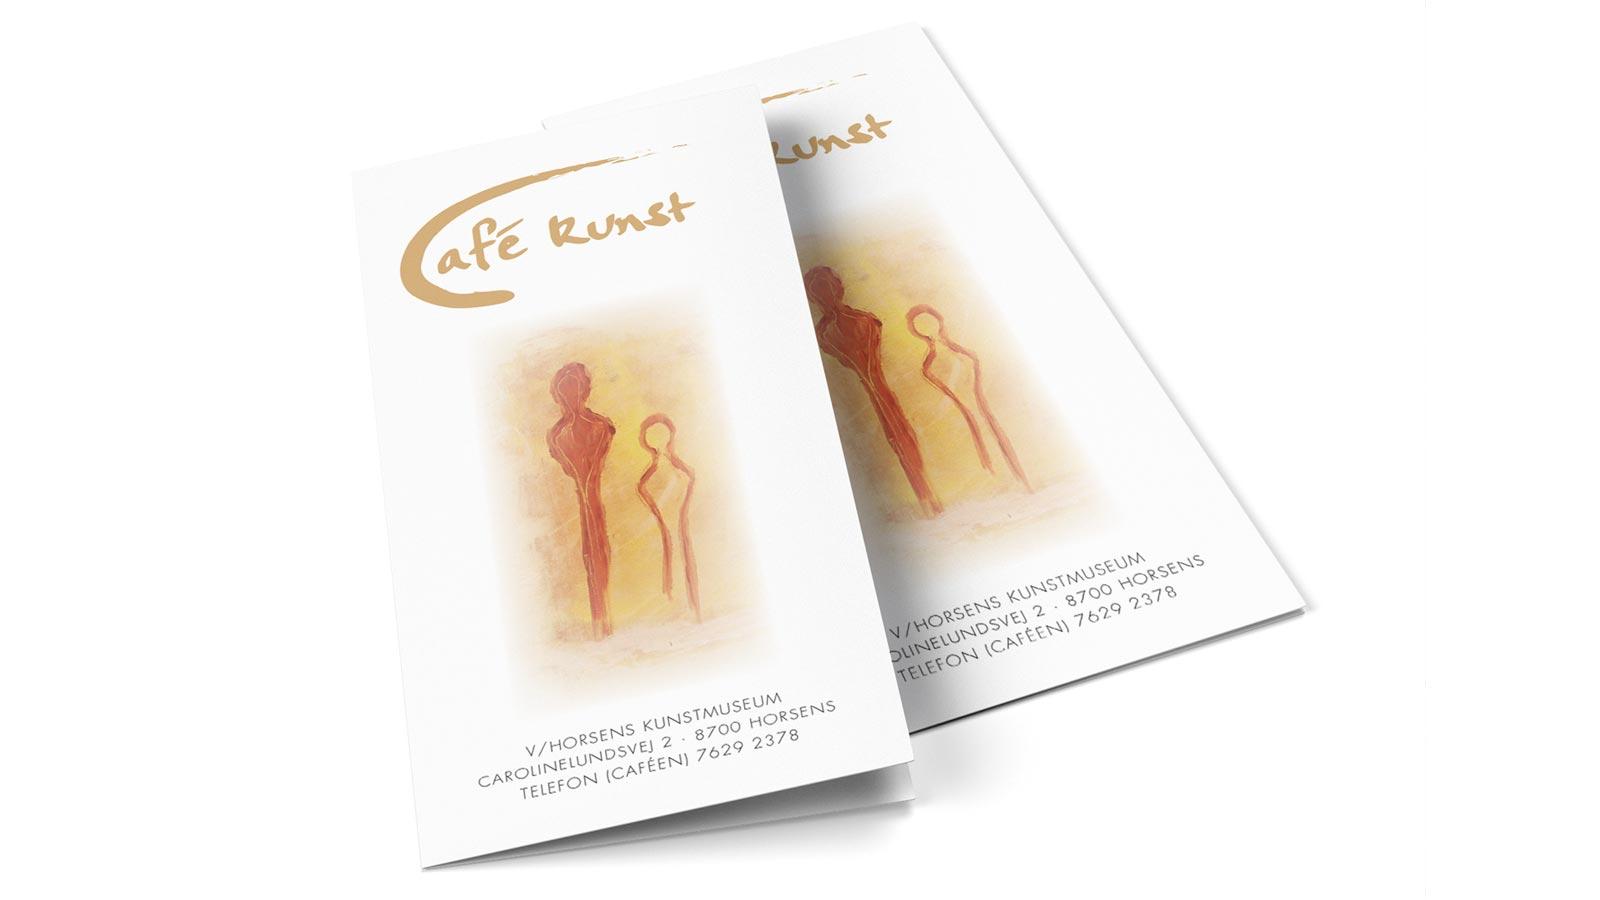 Cafe_Kunst_Brochure